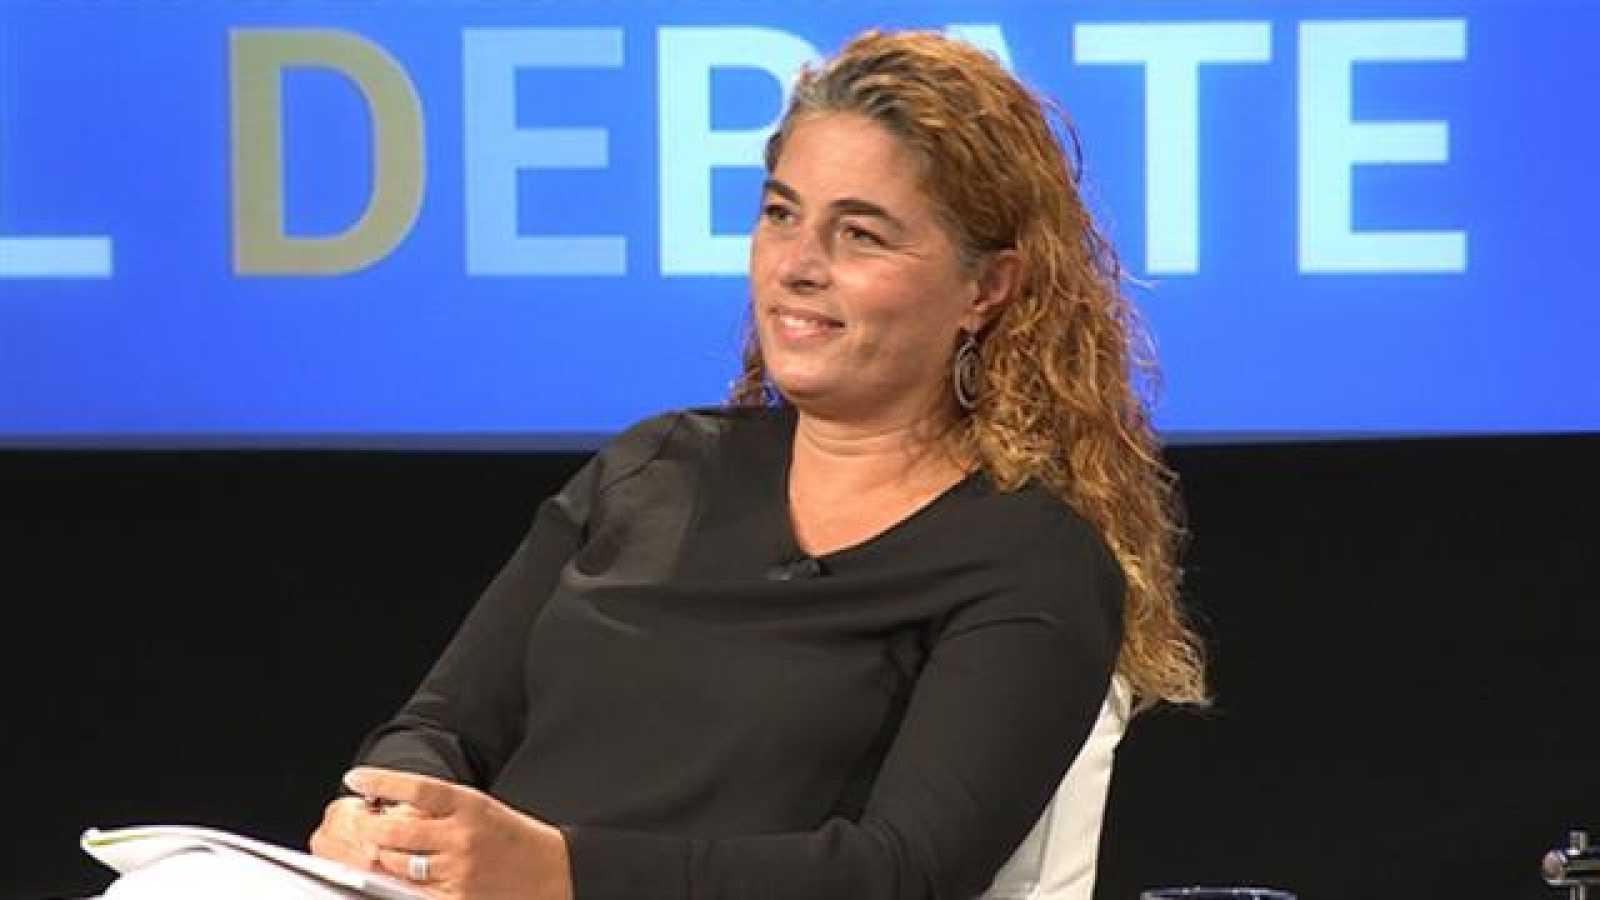 El Debate de La 1 Canarias - 22/10/2020